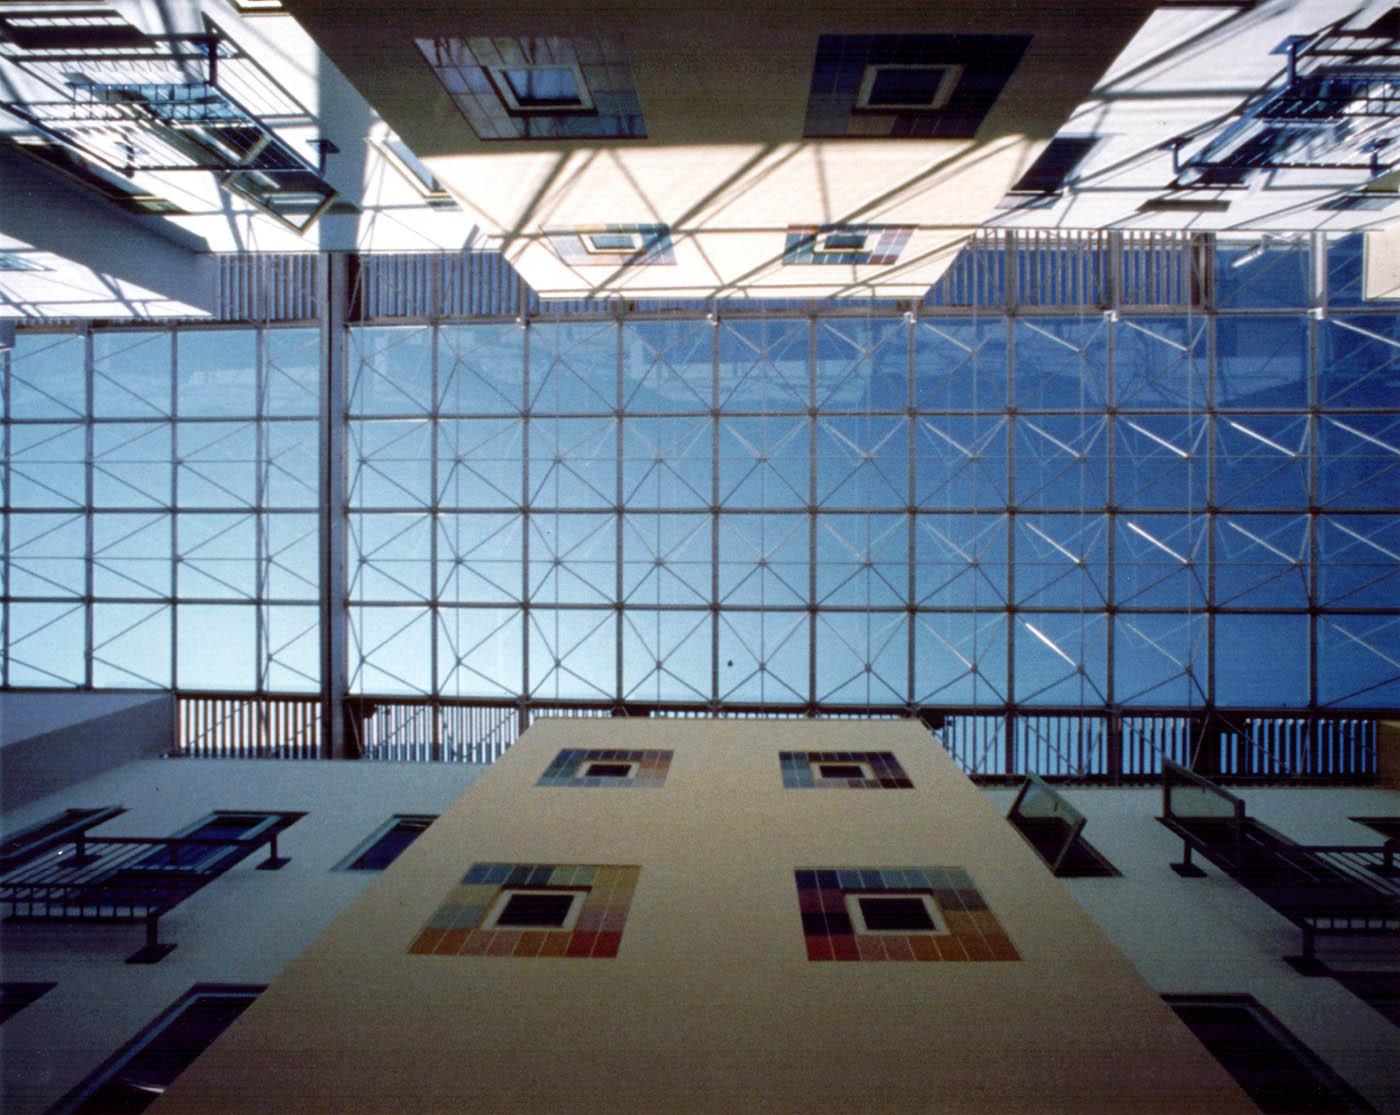 pcko_swansea-foyer-2